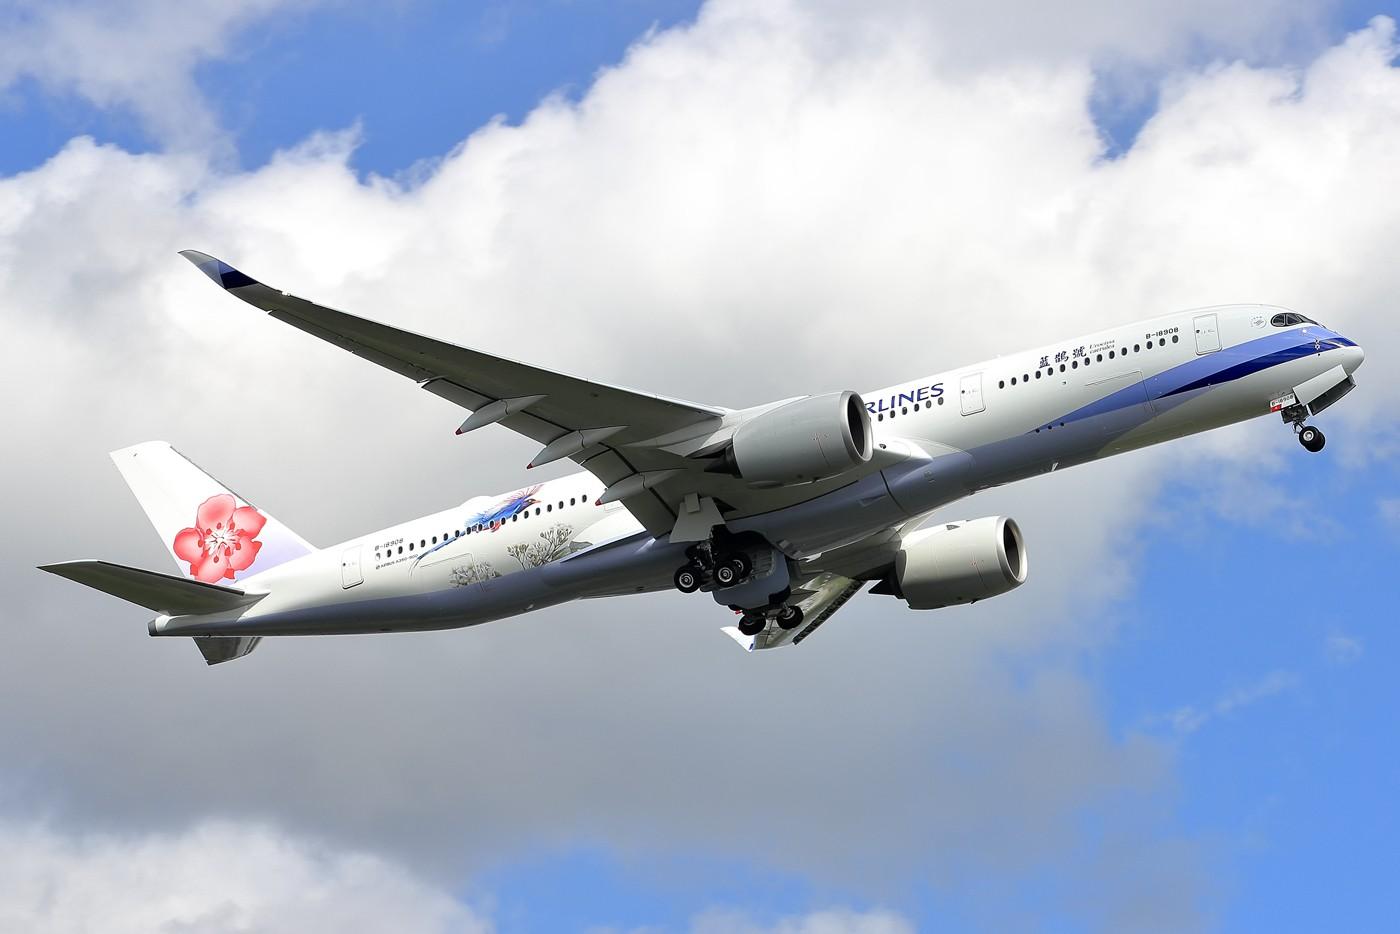 """[原创]【AMS】【论坛首发】华航最新彩绘""""蓝鹊号""""A350-900,即空客第100架A359 AIRBUS A350-941 B-18908 荷兰阿姆斯特丹史基浦机场"""